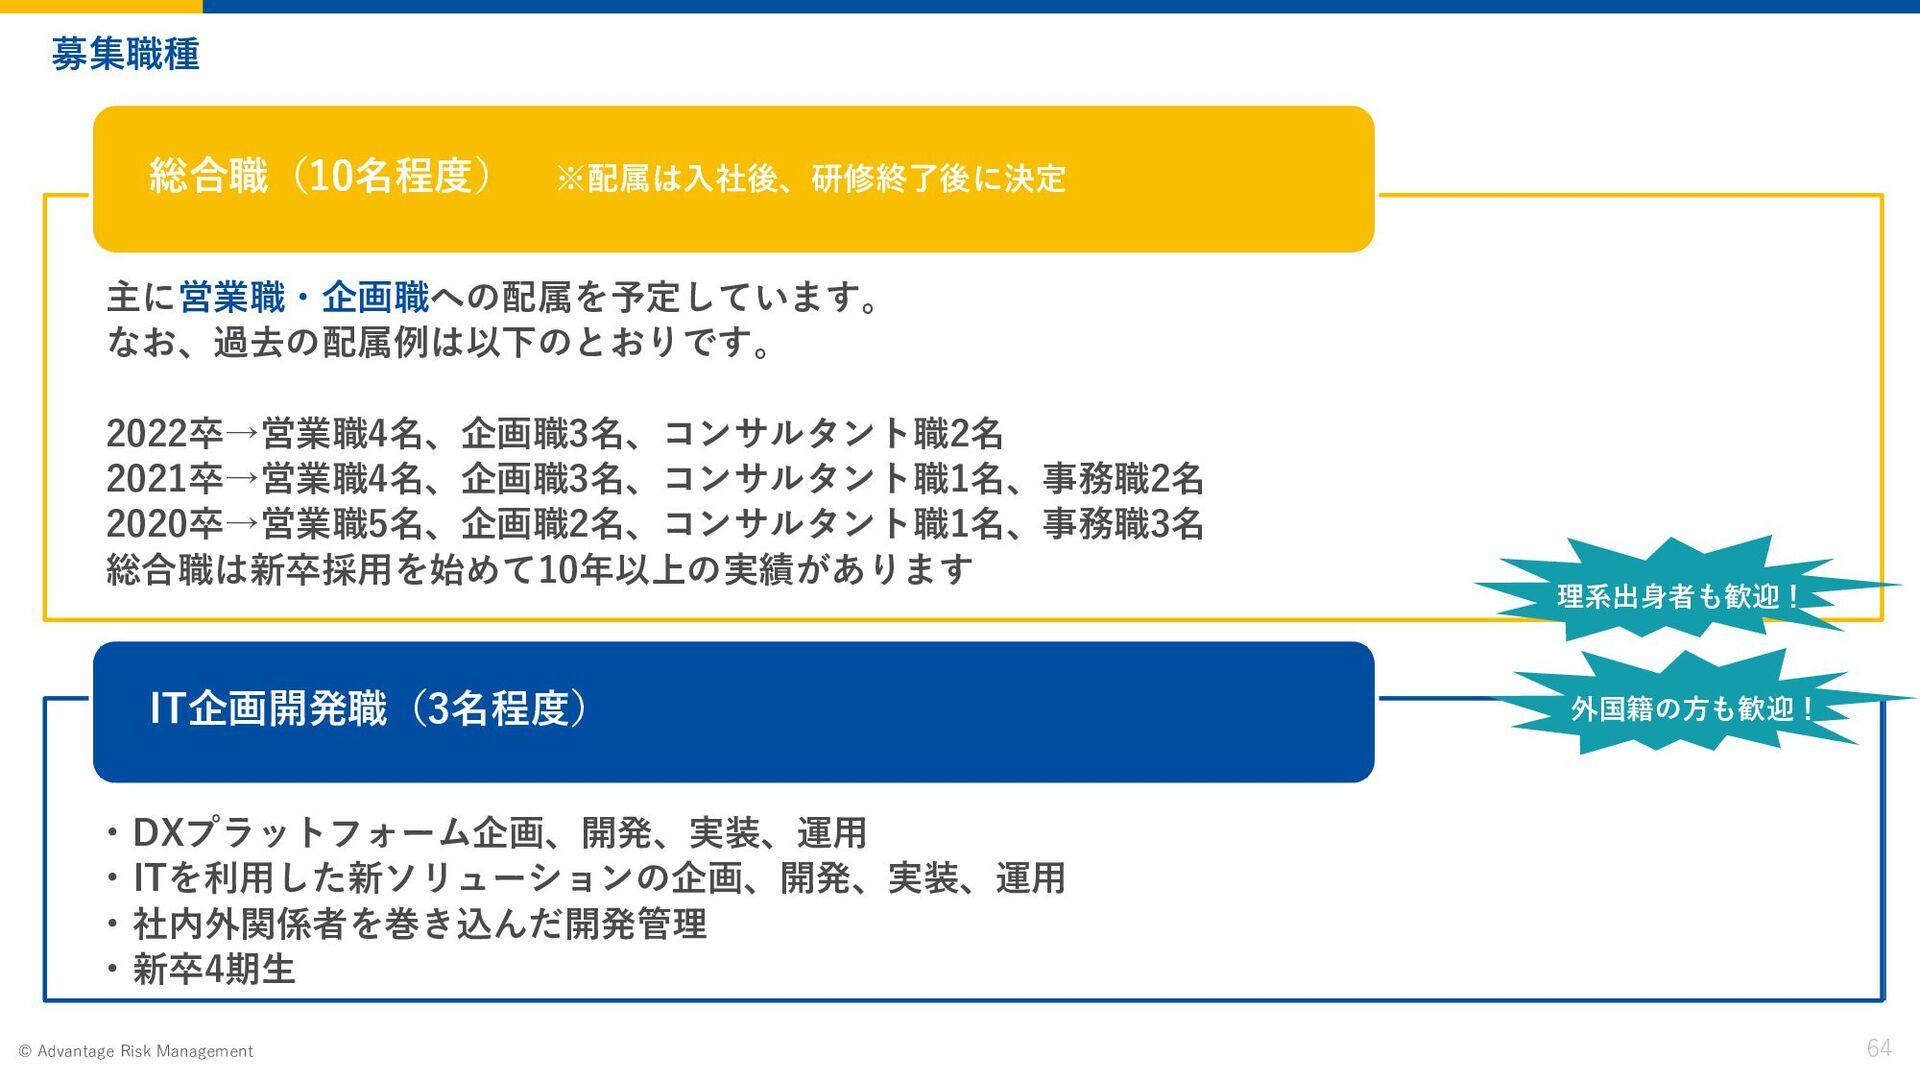 こちらはオフィス内にある 会議室 会議室には 太陽、月、若葉、富士など 優しい名前がついています